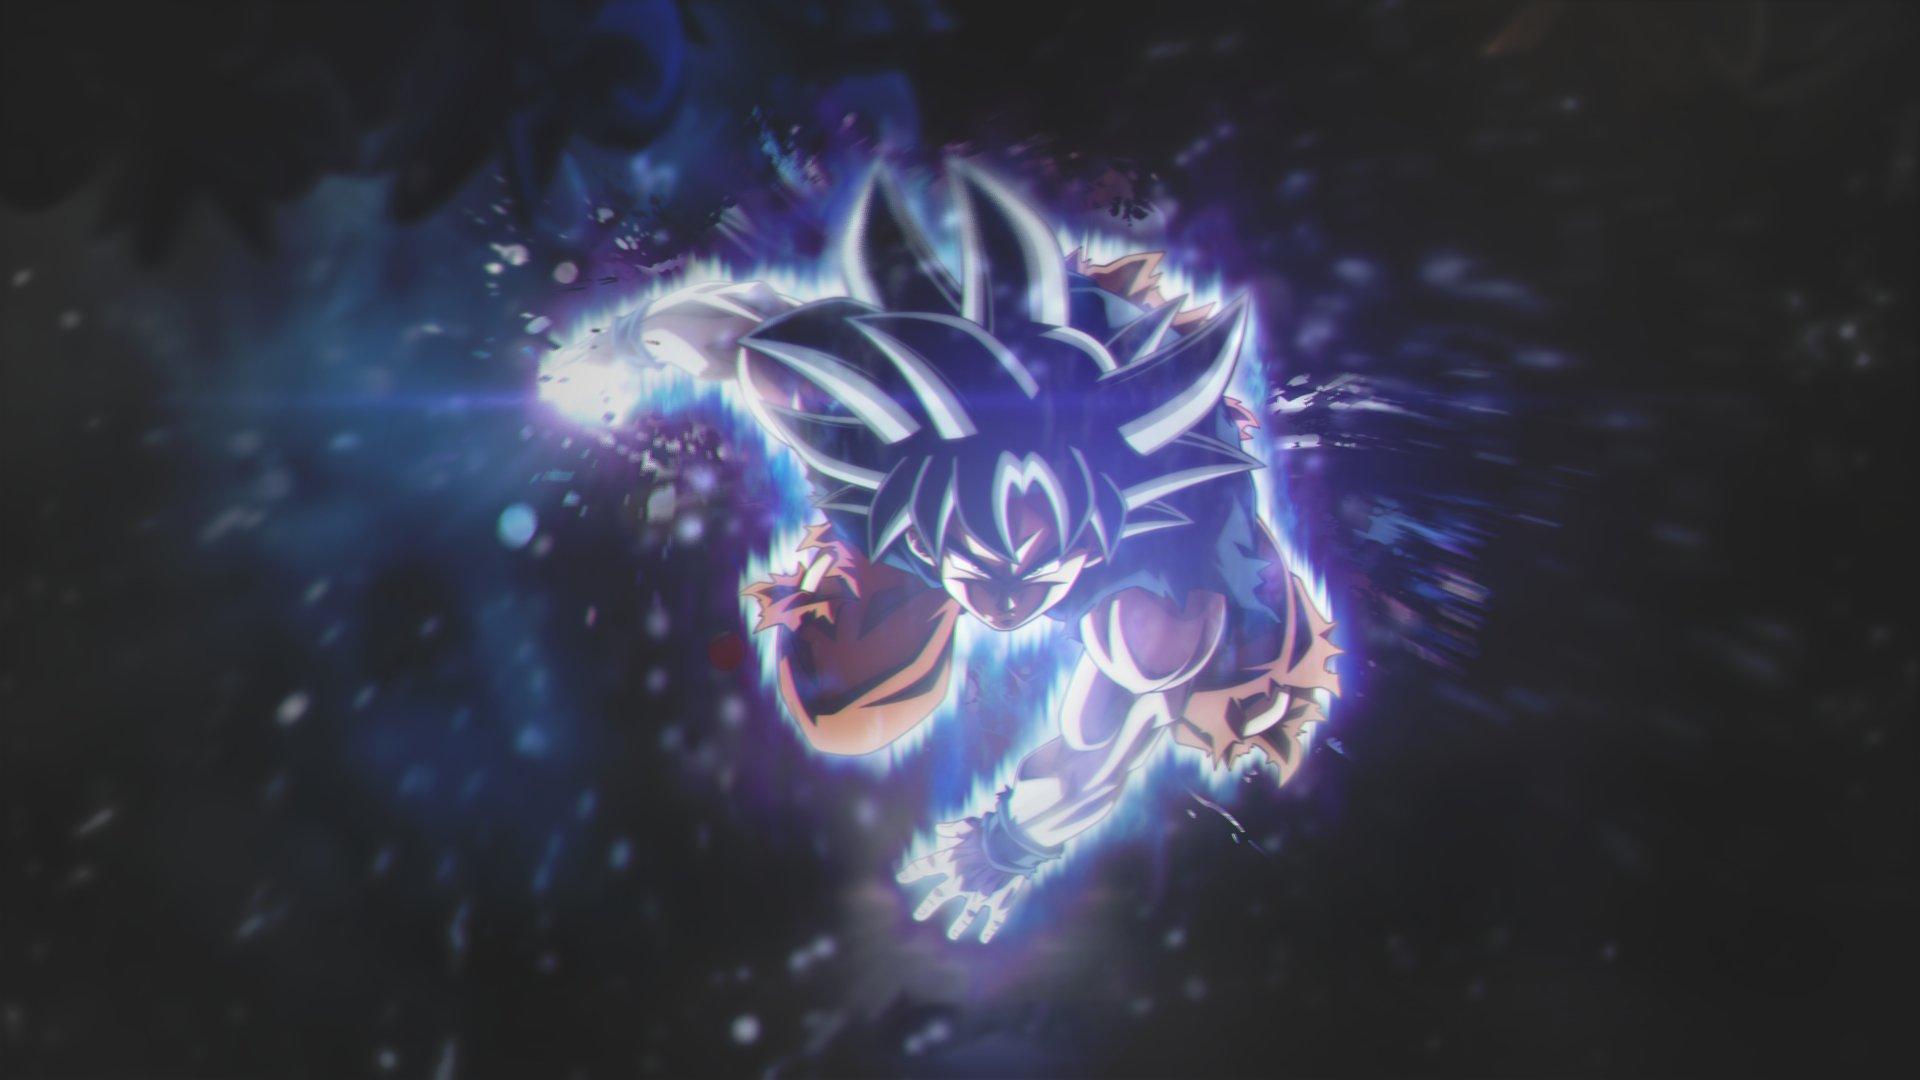 Paul Abstract On Twitter Wallpaper De Goku Migatte No Gokui Ya